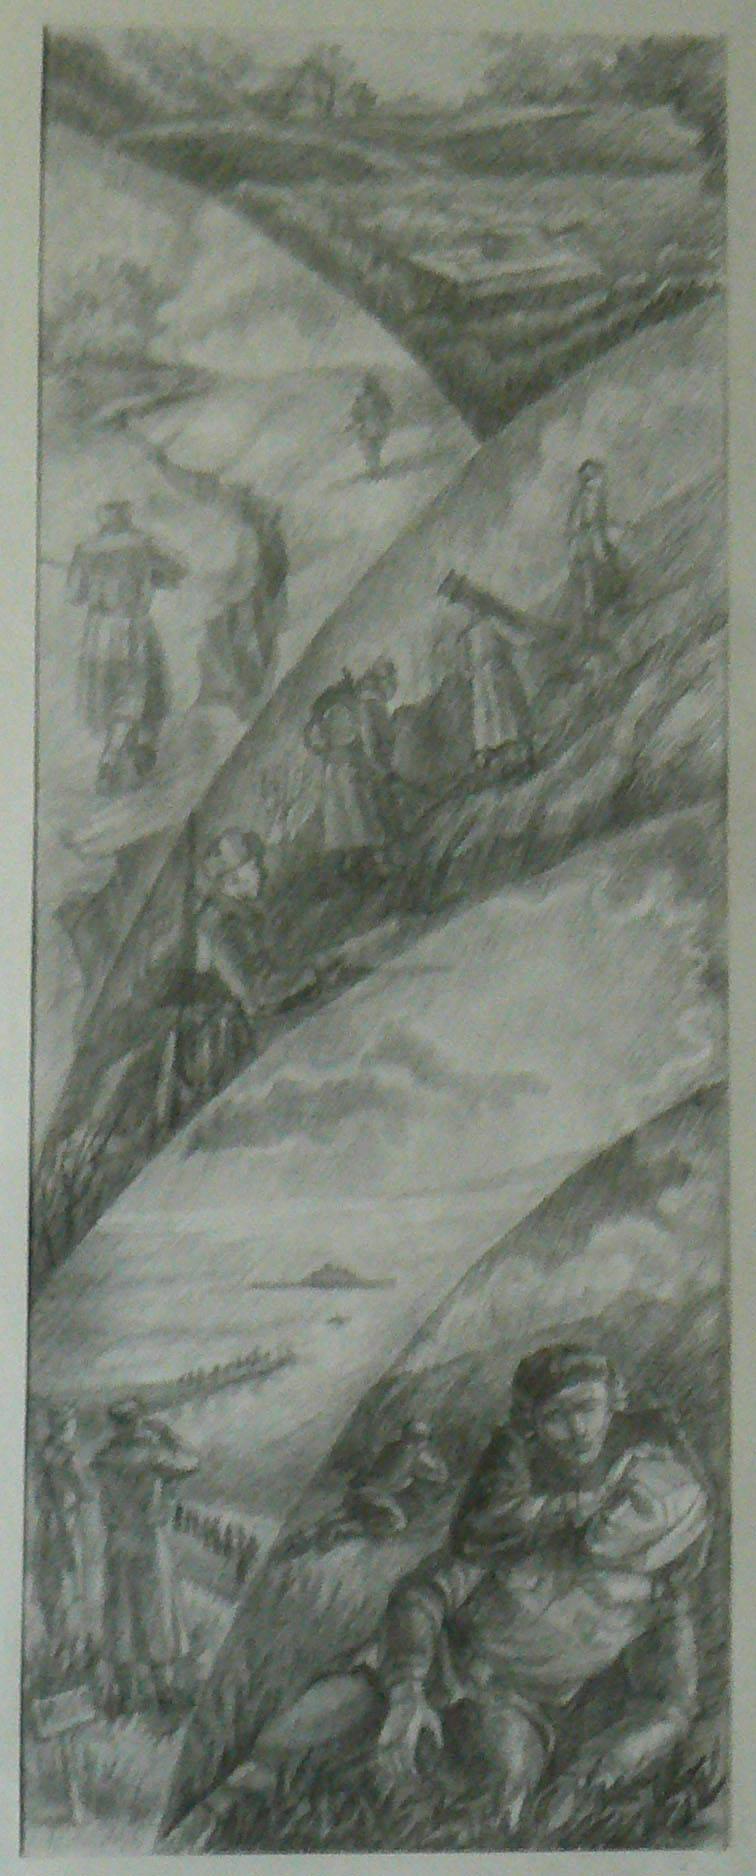 Герои войны 1945. Левая часть триптиха